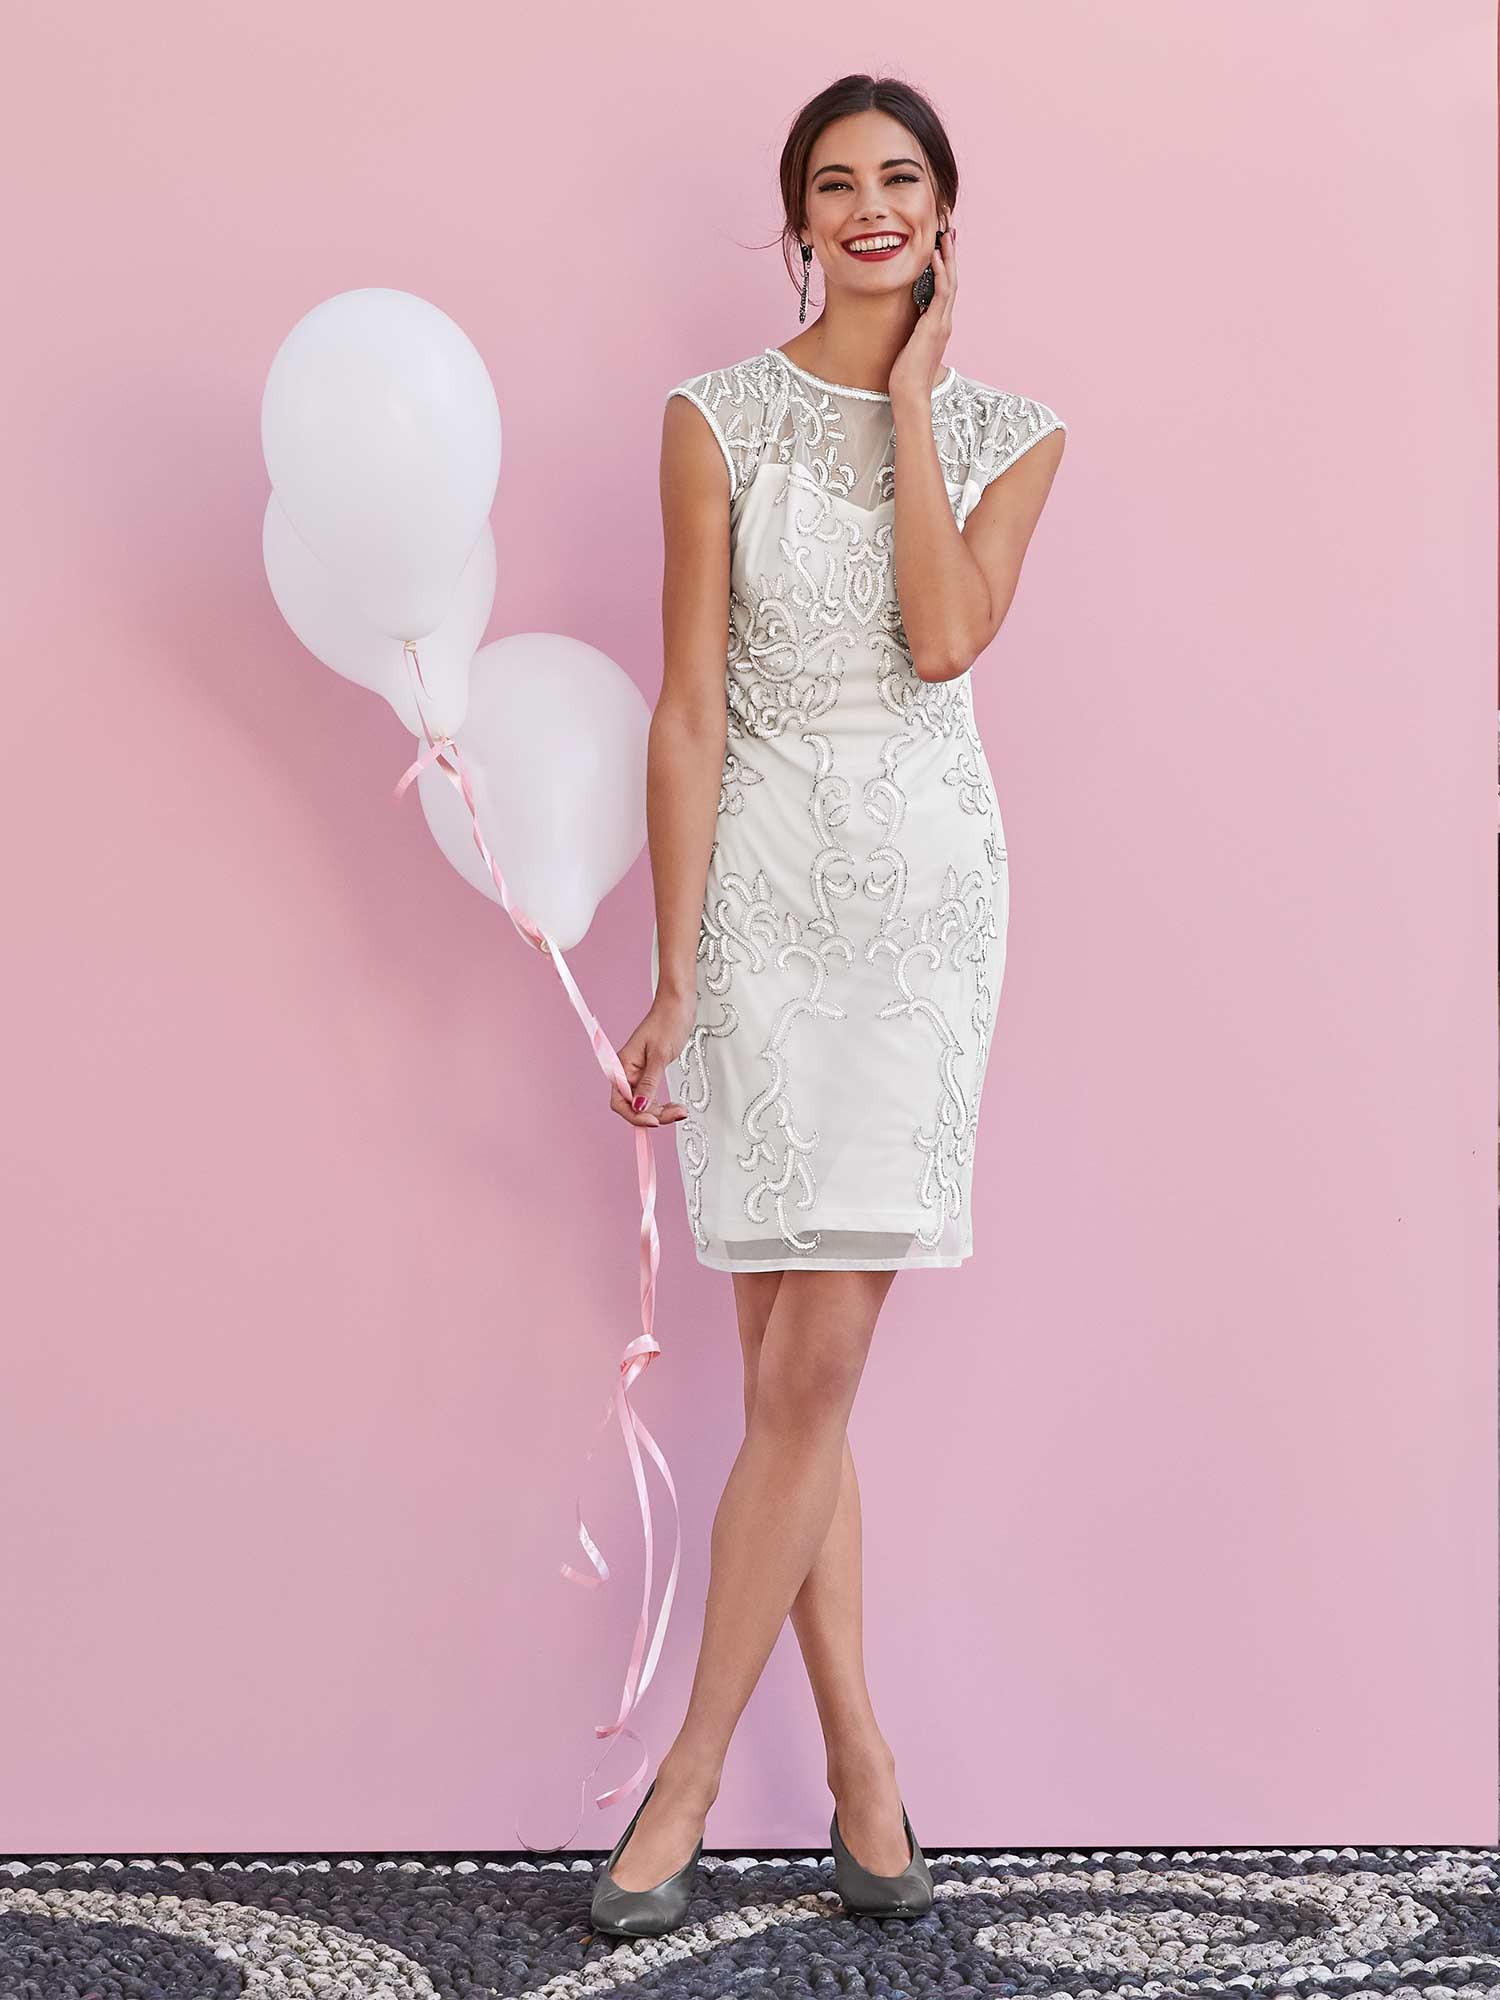 10 Wunderbar Kleid Dunkelblau Hochzeit StylishFormal Ausgezeichnet Kleid Dunkelblau Hochzeit Ärmel